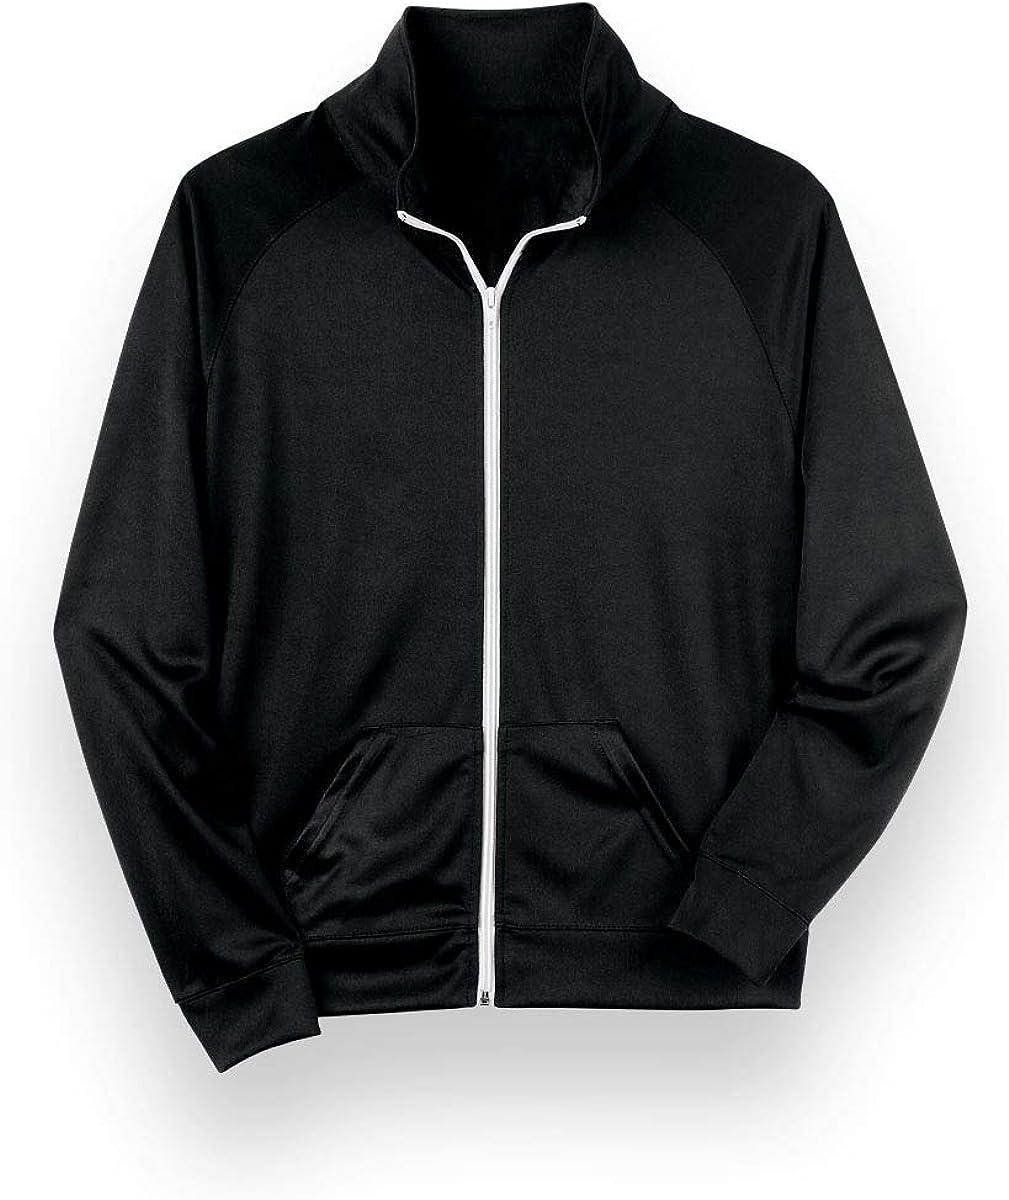 Urban Groove Track Jacket Zip Front Unisex